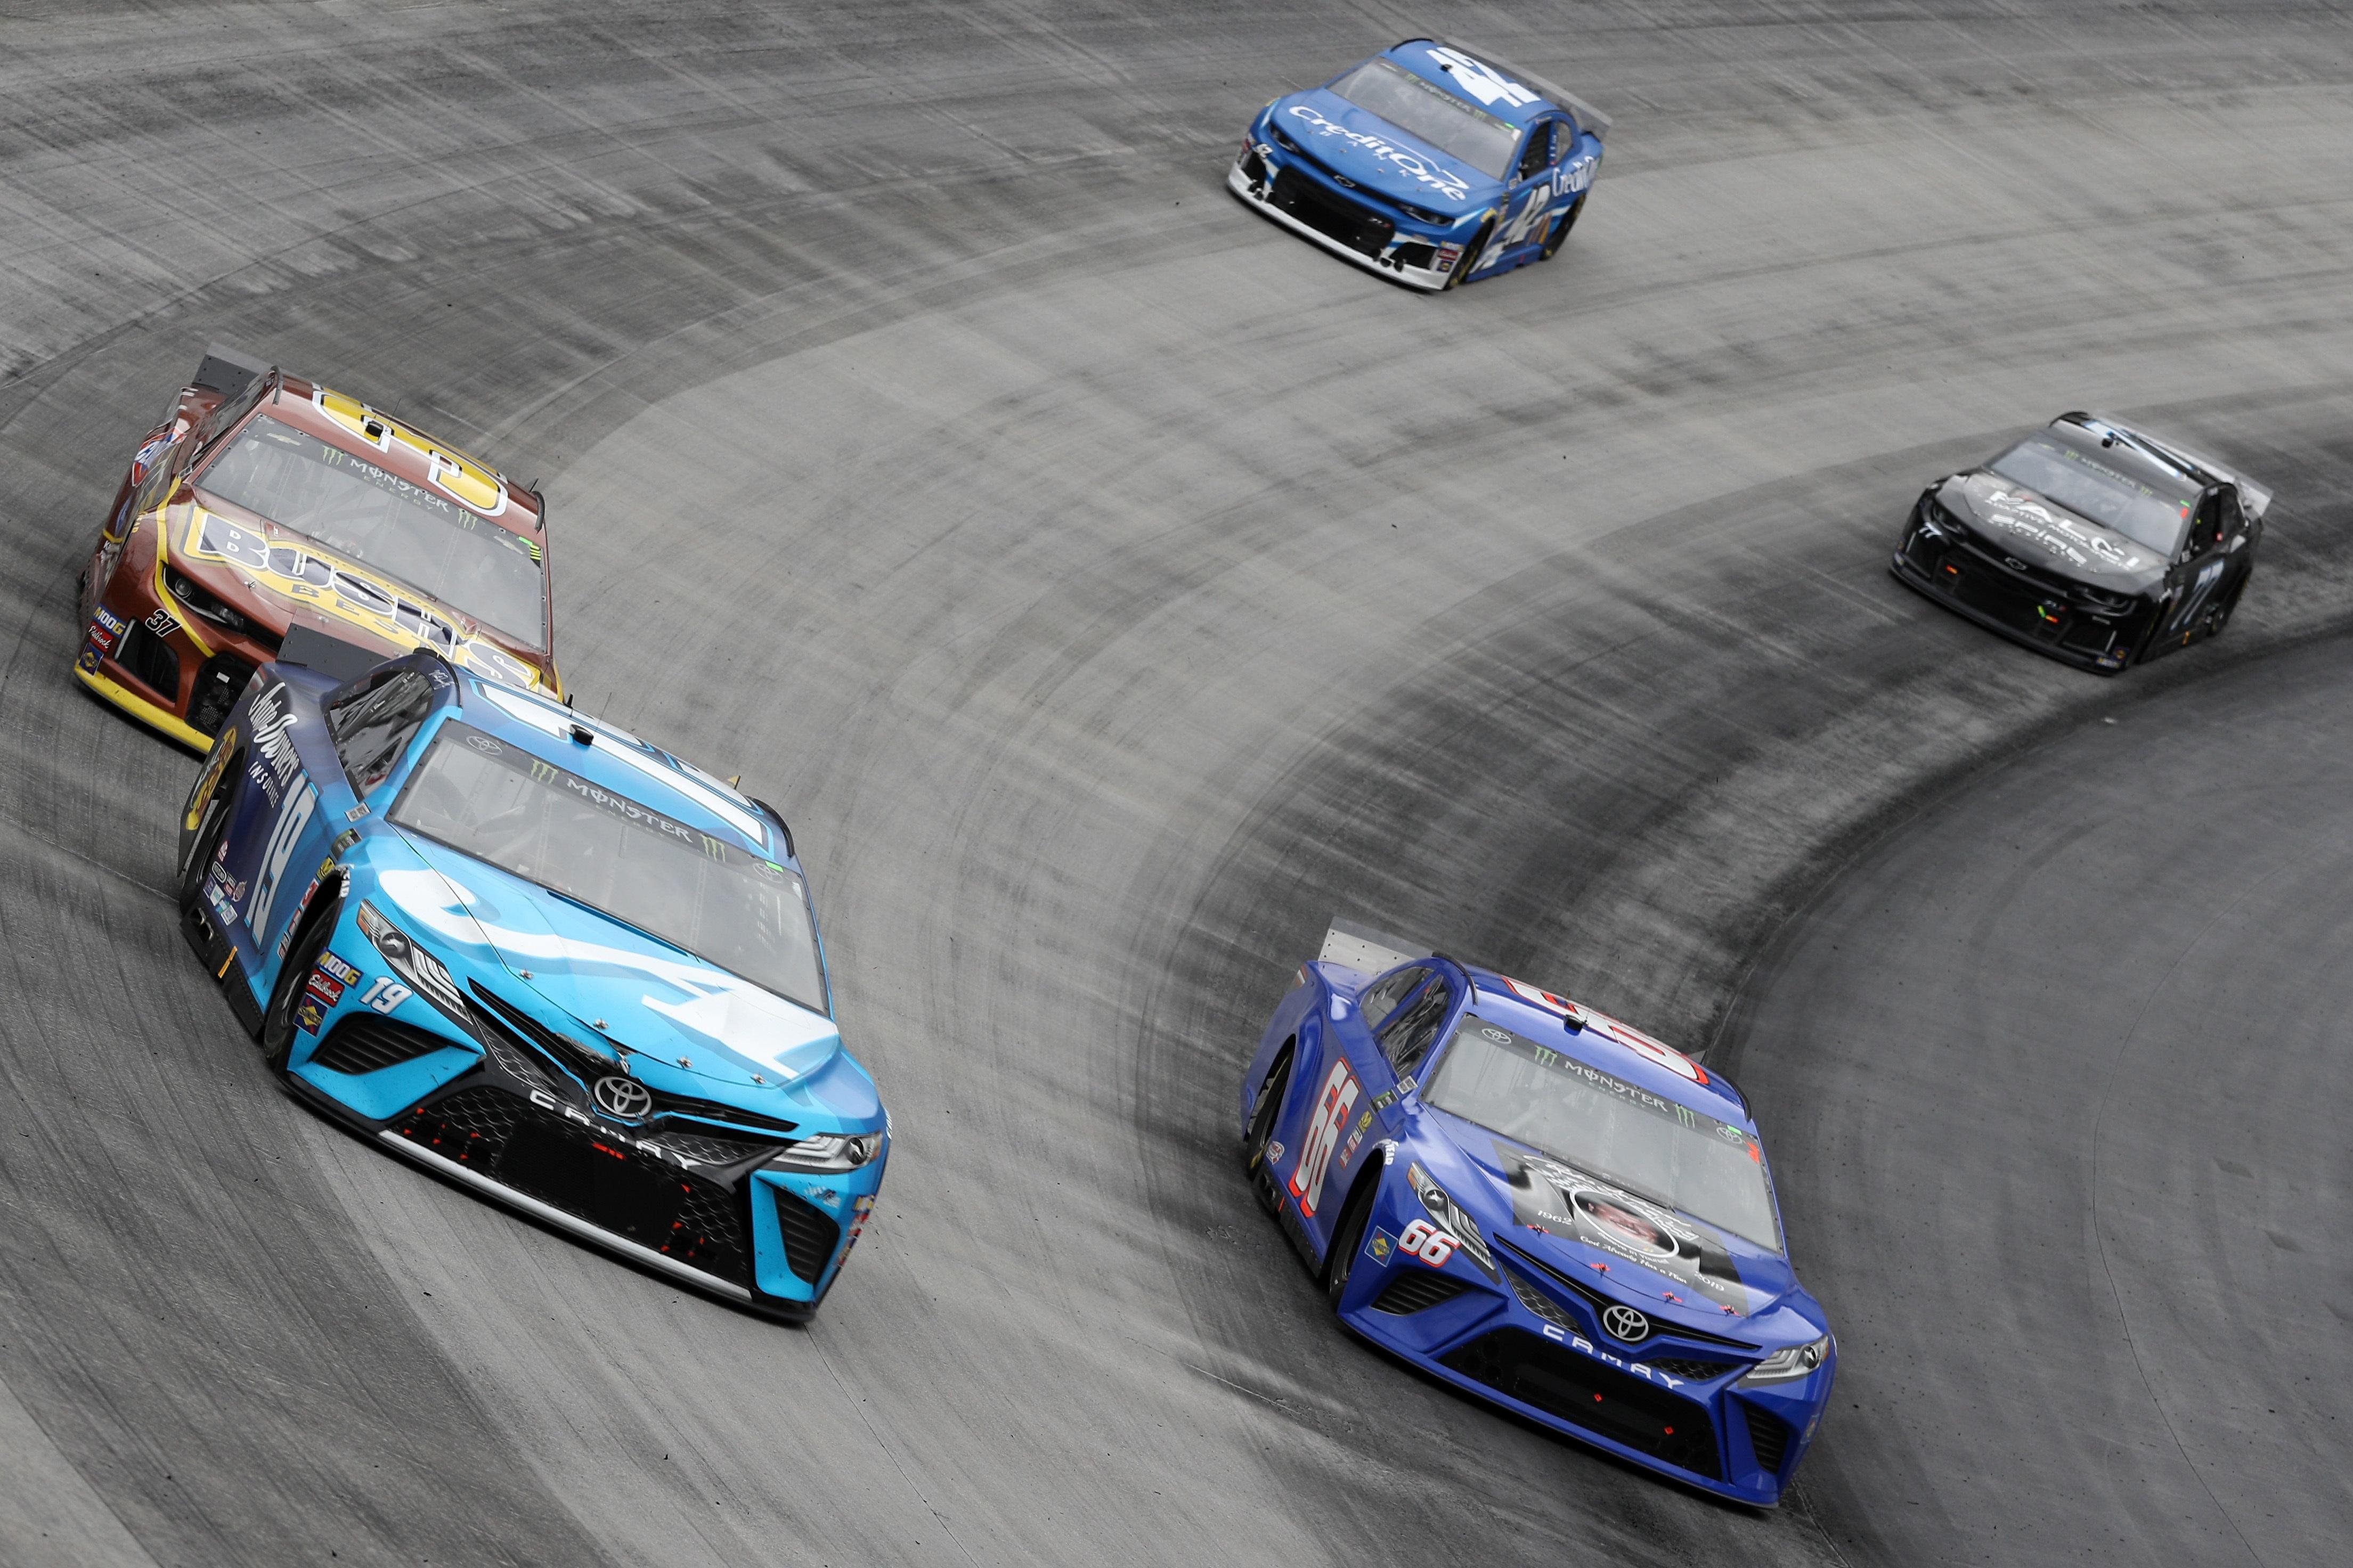 Martin Truex Jr, Chris Buescher and Kyle Larson at Bristol Motor Speedway